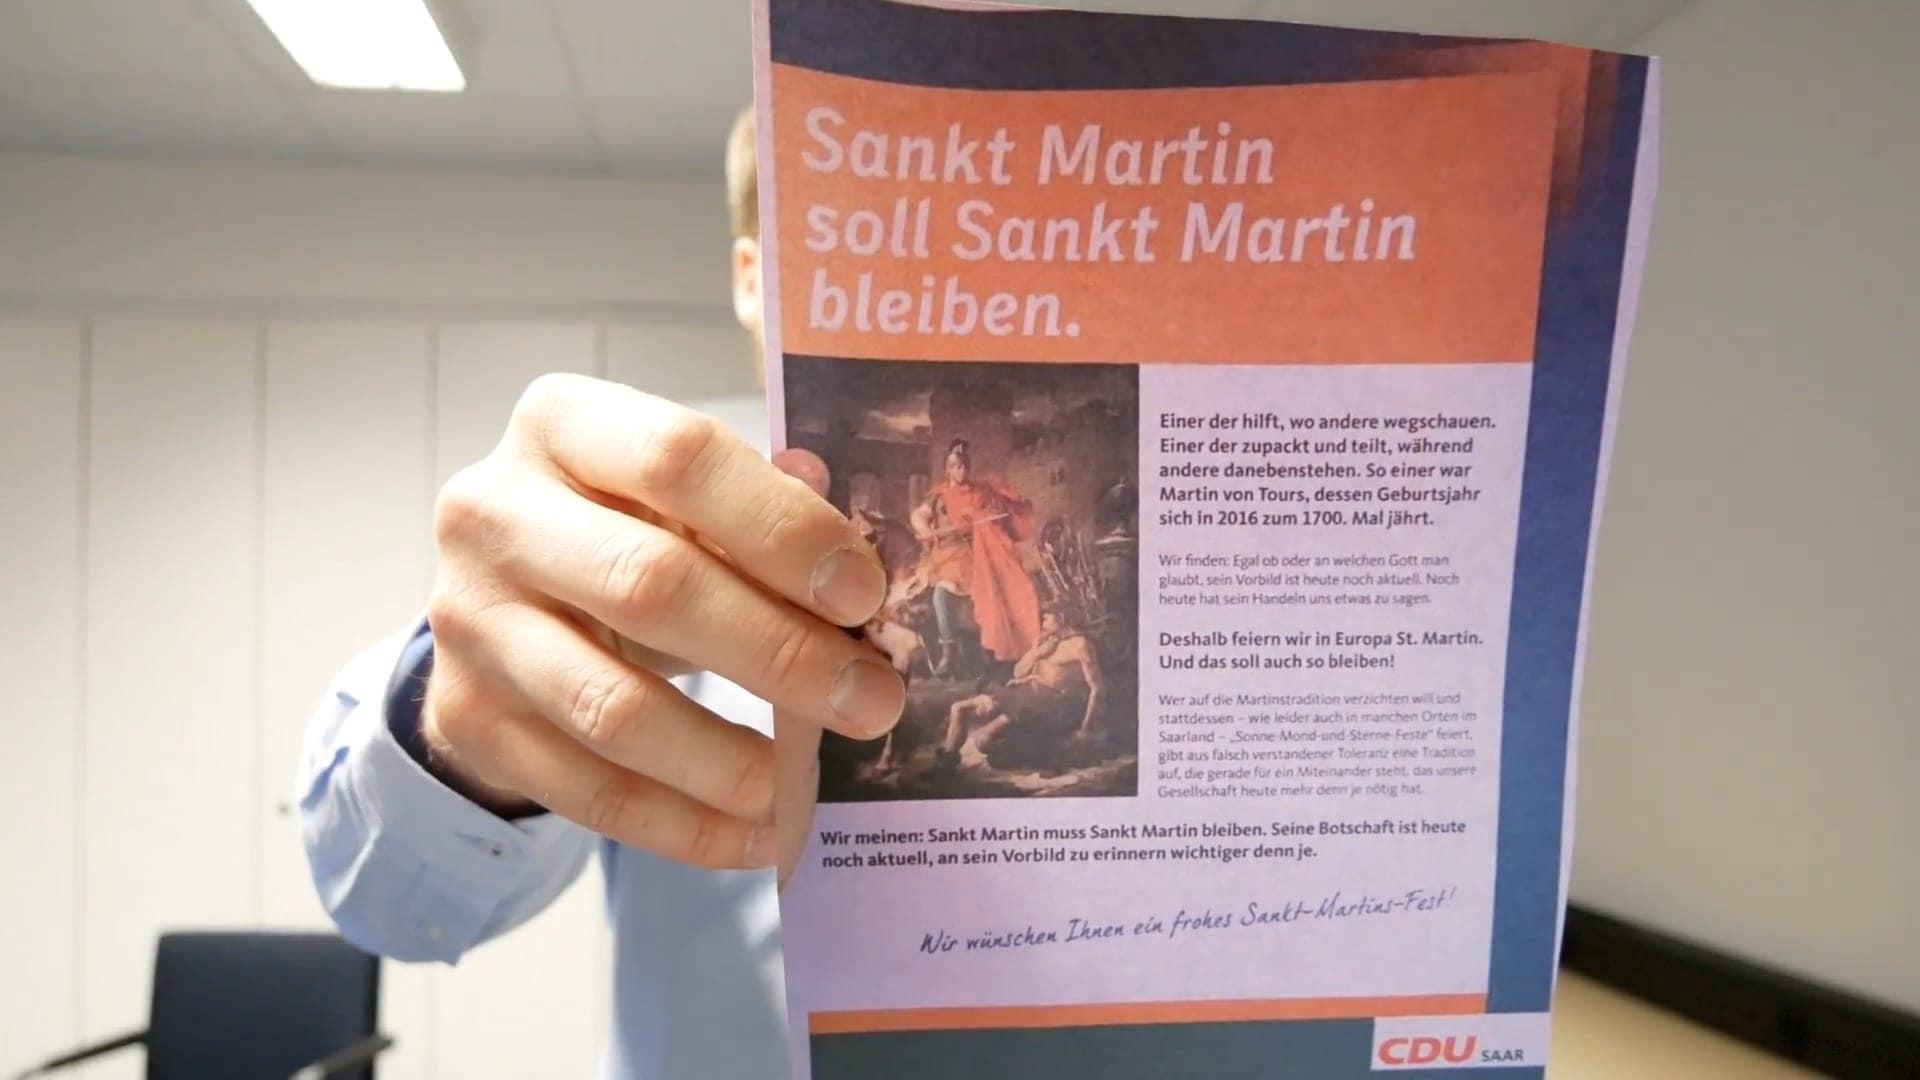 Sankt Martin und die CDU